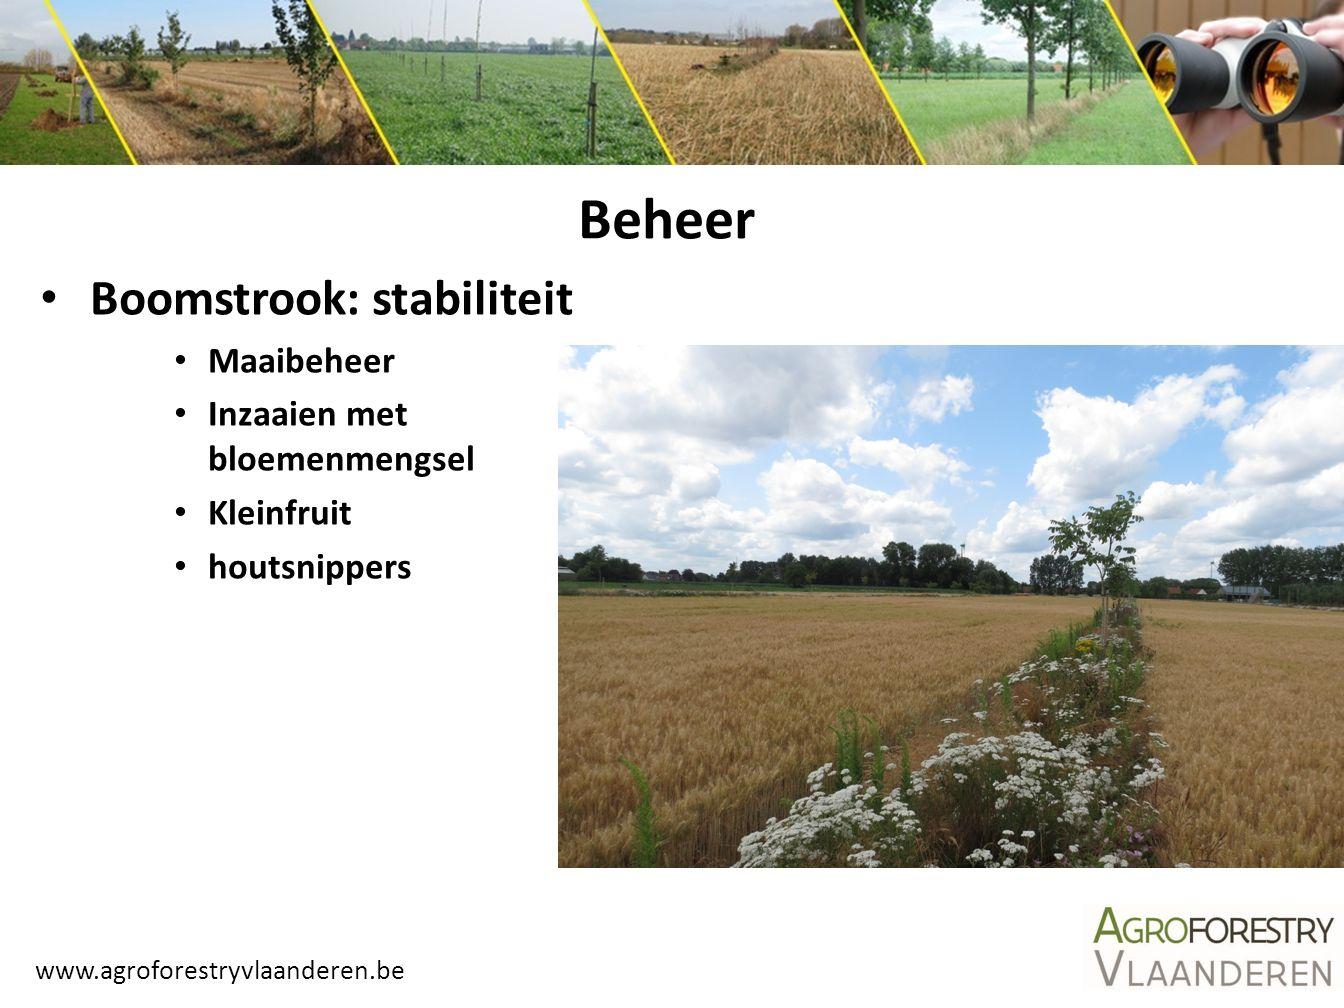 www.agroforestryvlaanderen.be Boomstrook: stabiliteit Maaibeheer Inzaaien met bloemenmengsel Kleinfruit houtsnippers Beheer